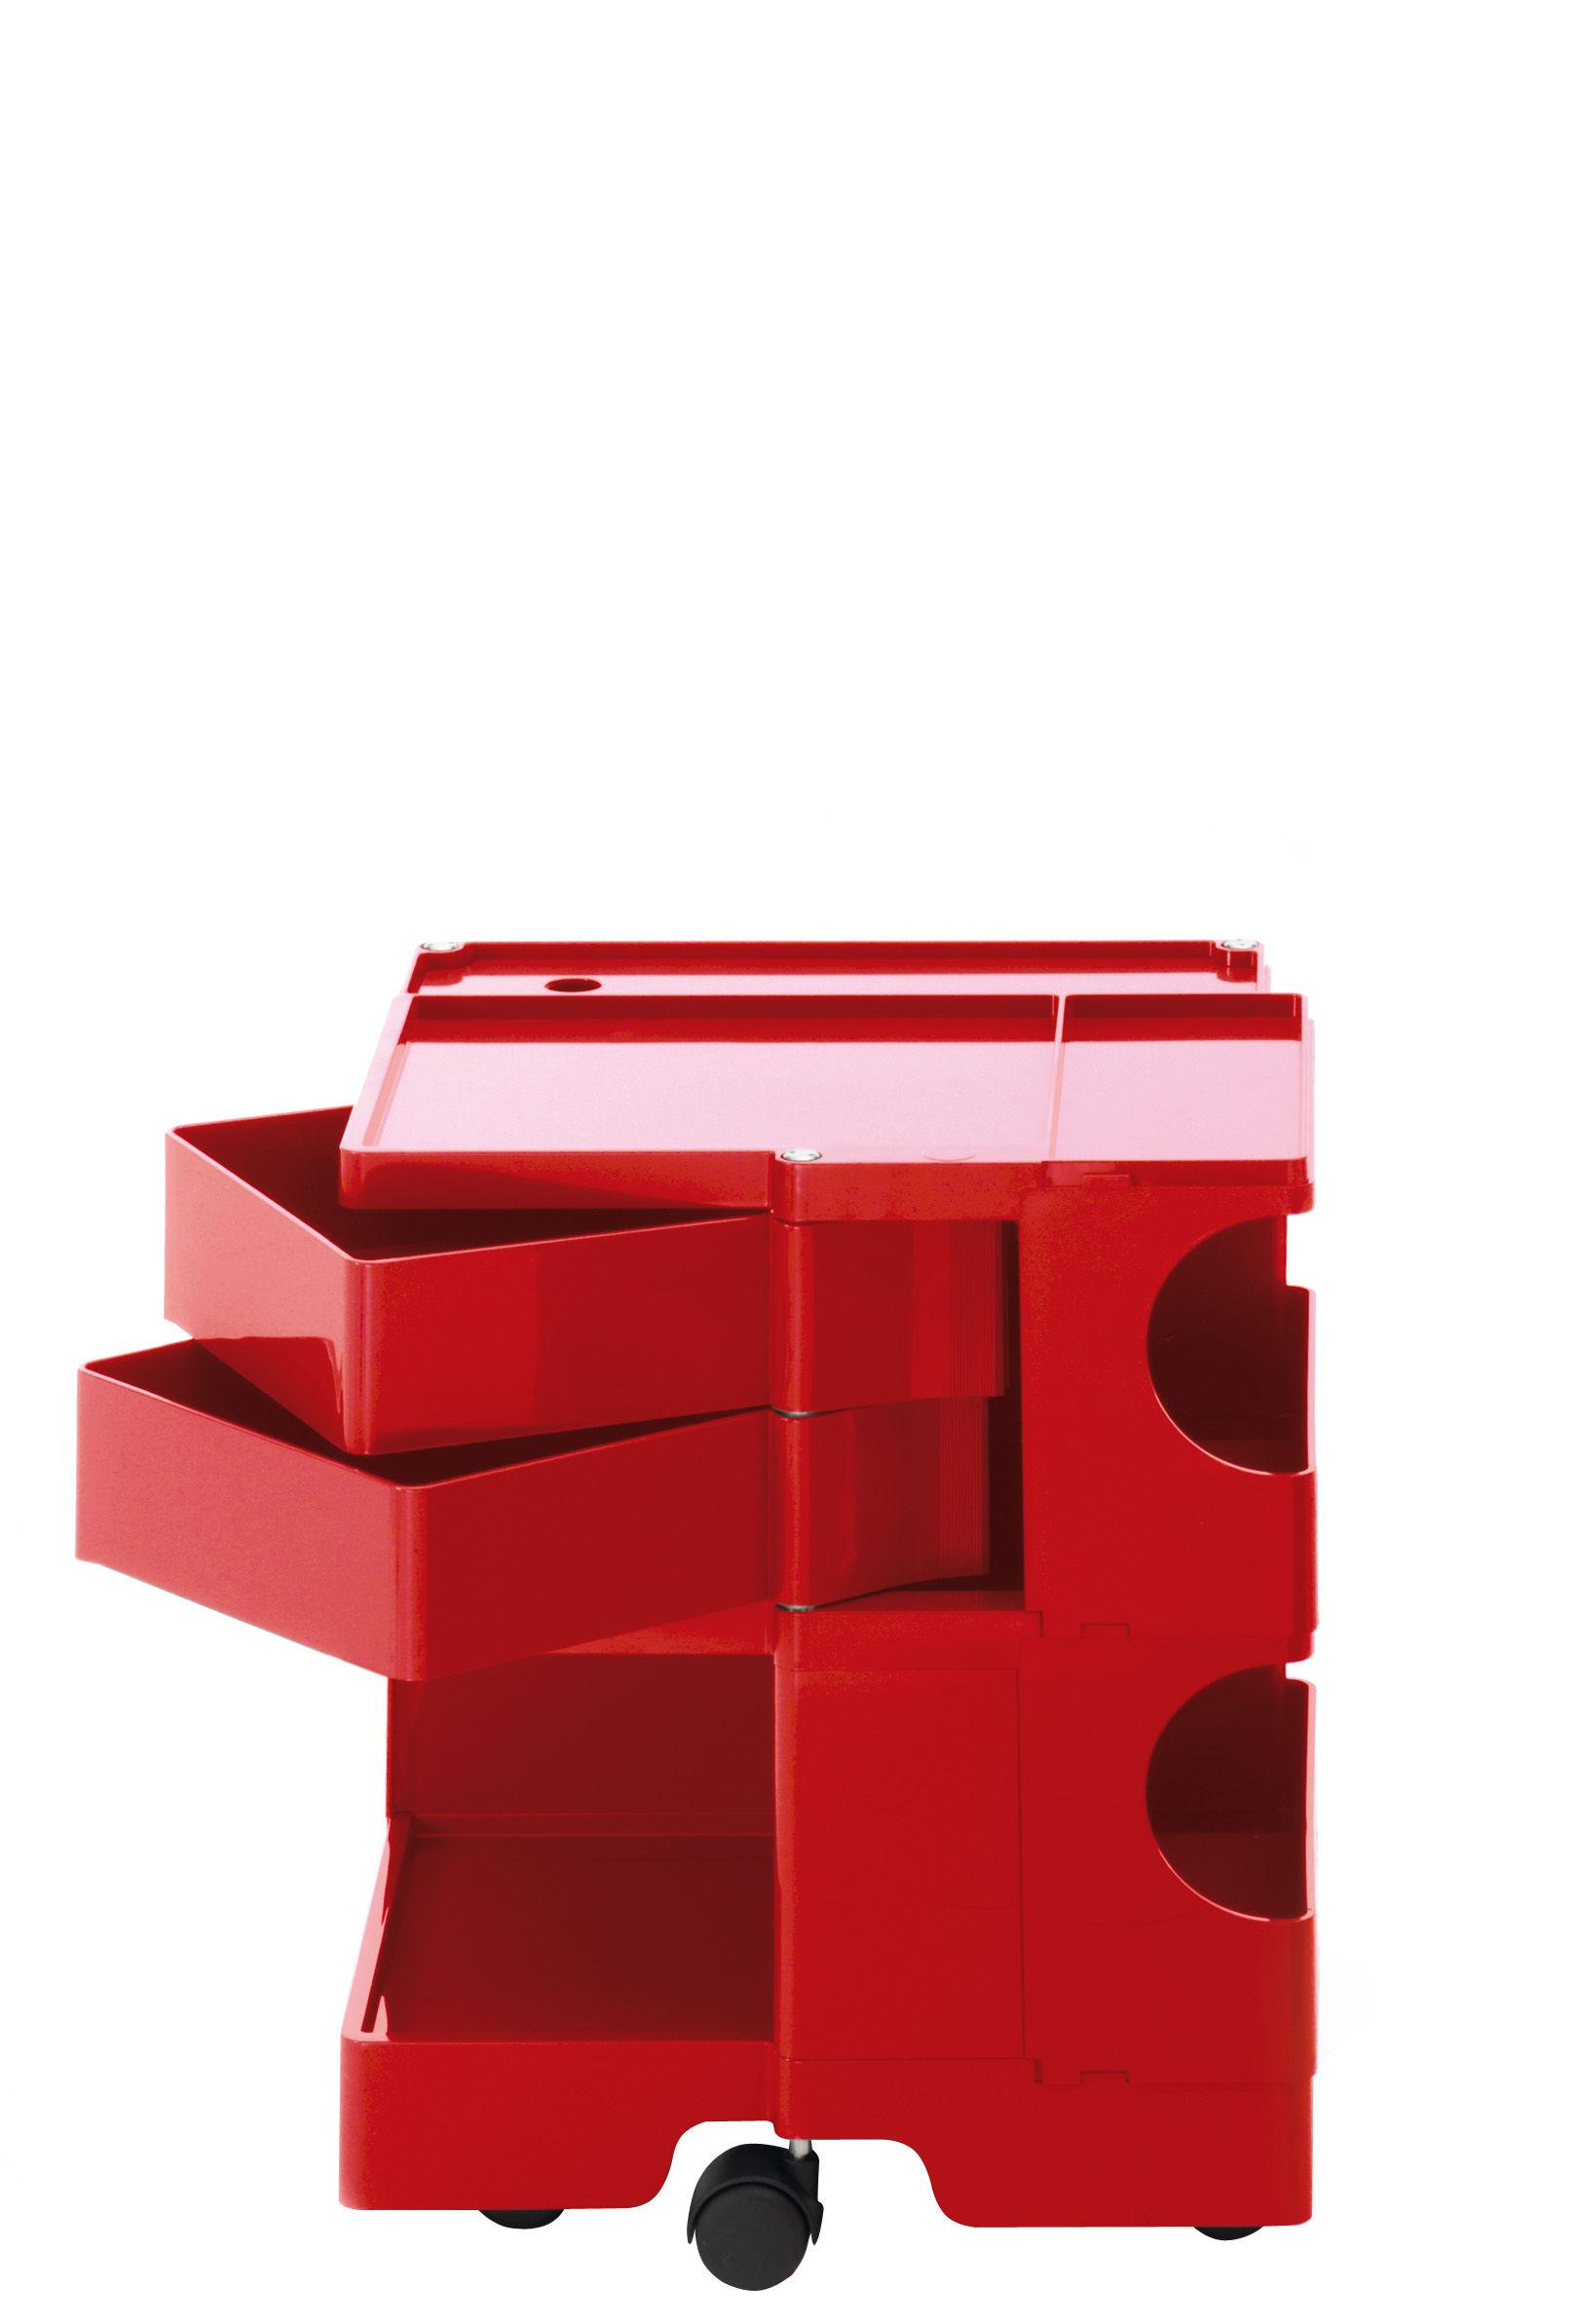 Arredamento - Raccoglitori - Carrello/tavolo d'appoggio Boby - h 52 di B-LINE - Rosso - ABS